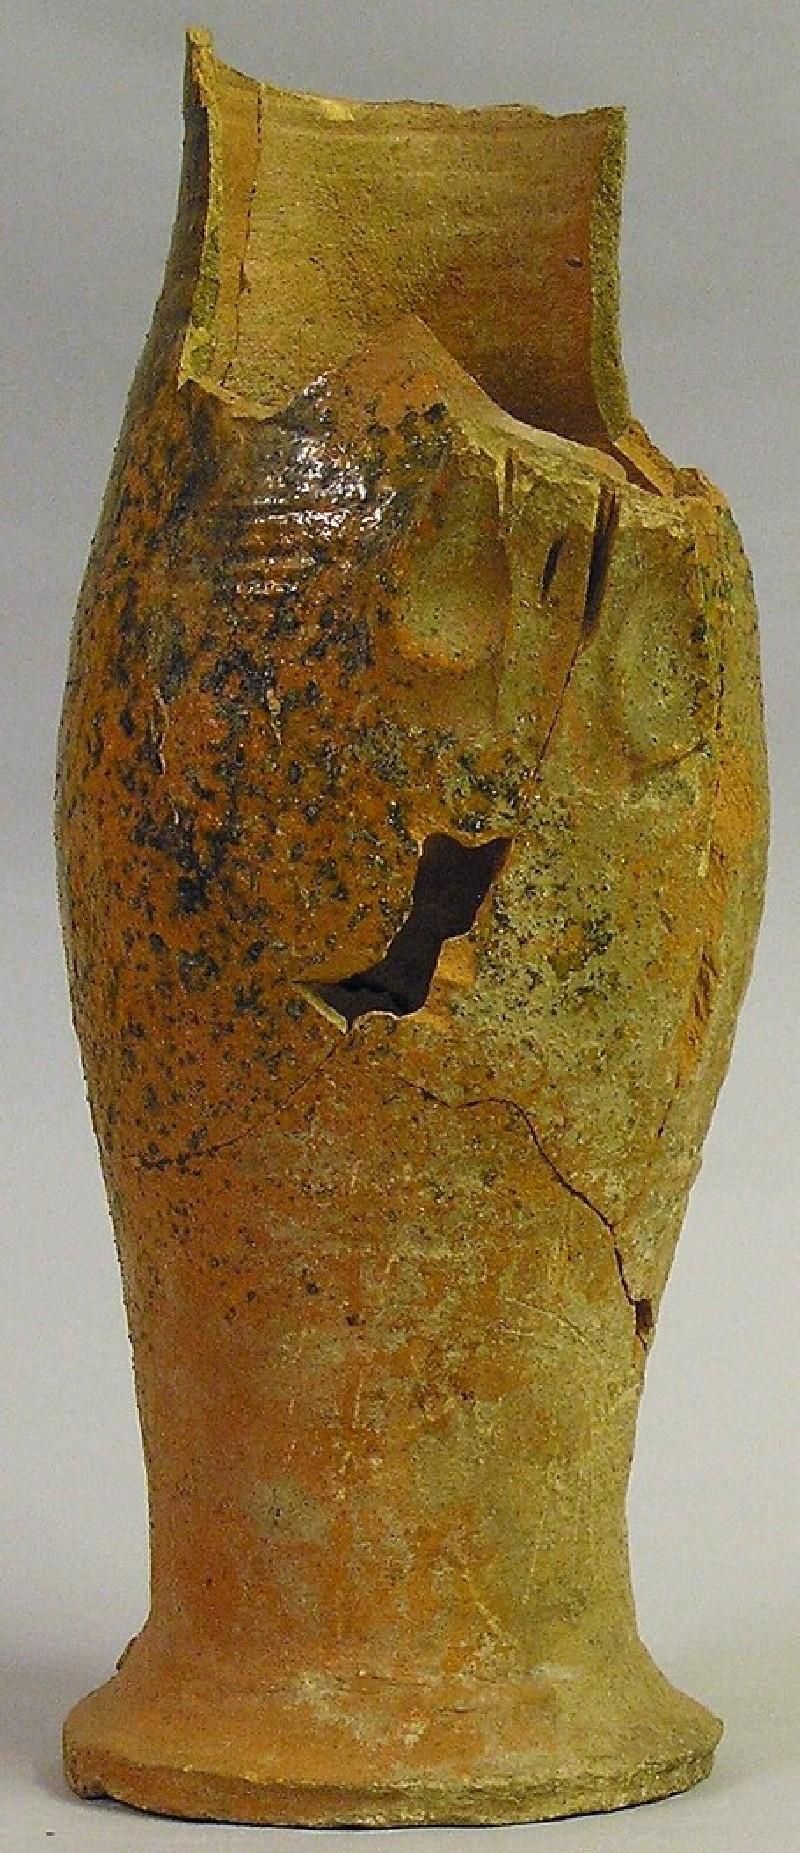 Baluster jug (AN1909.902, record shot)